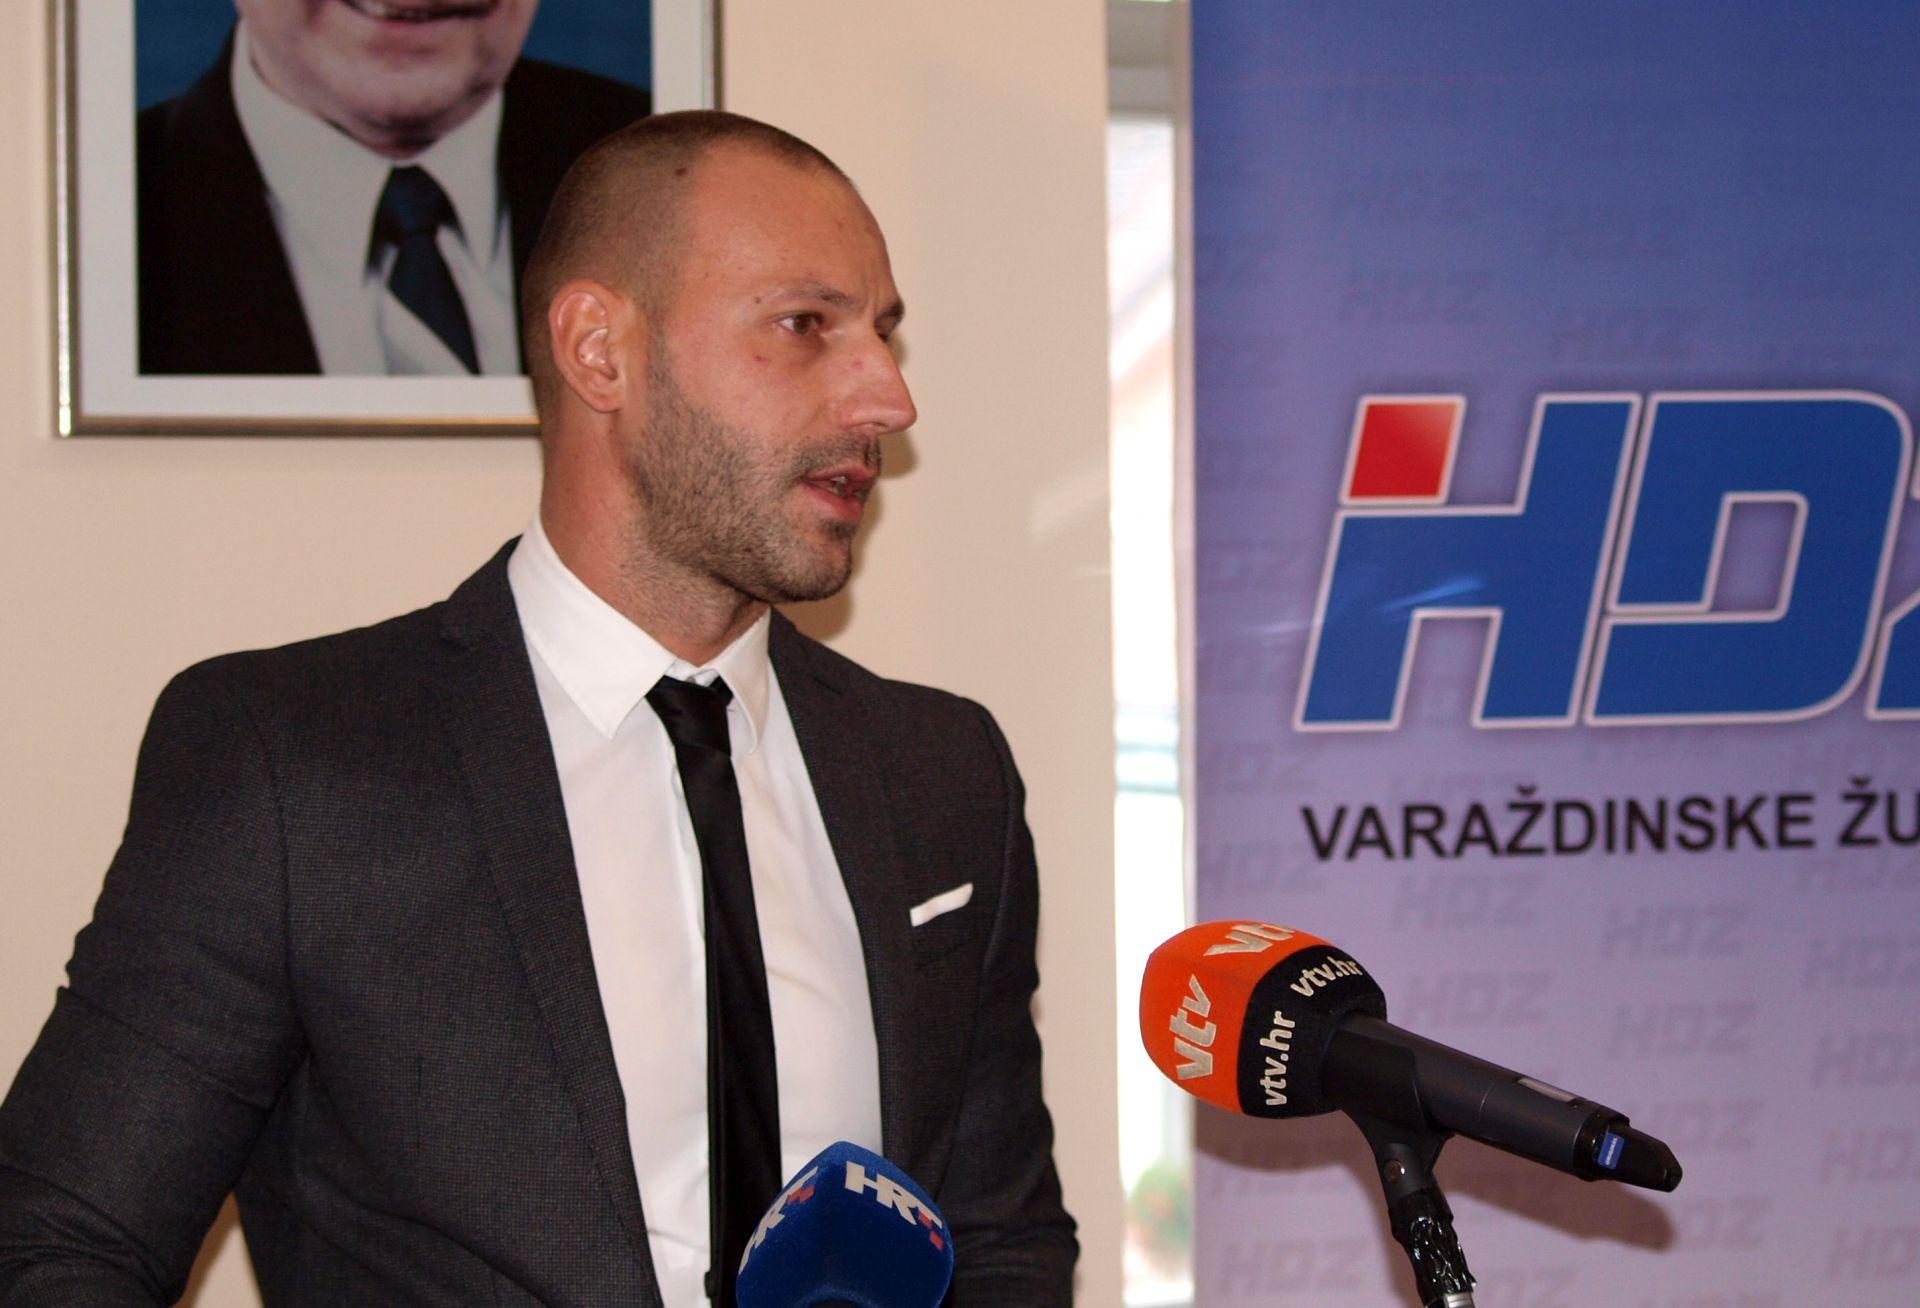 Varaždinski HDZ neće podržati prijedlog o privremenom financiranju Grada